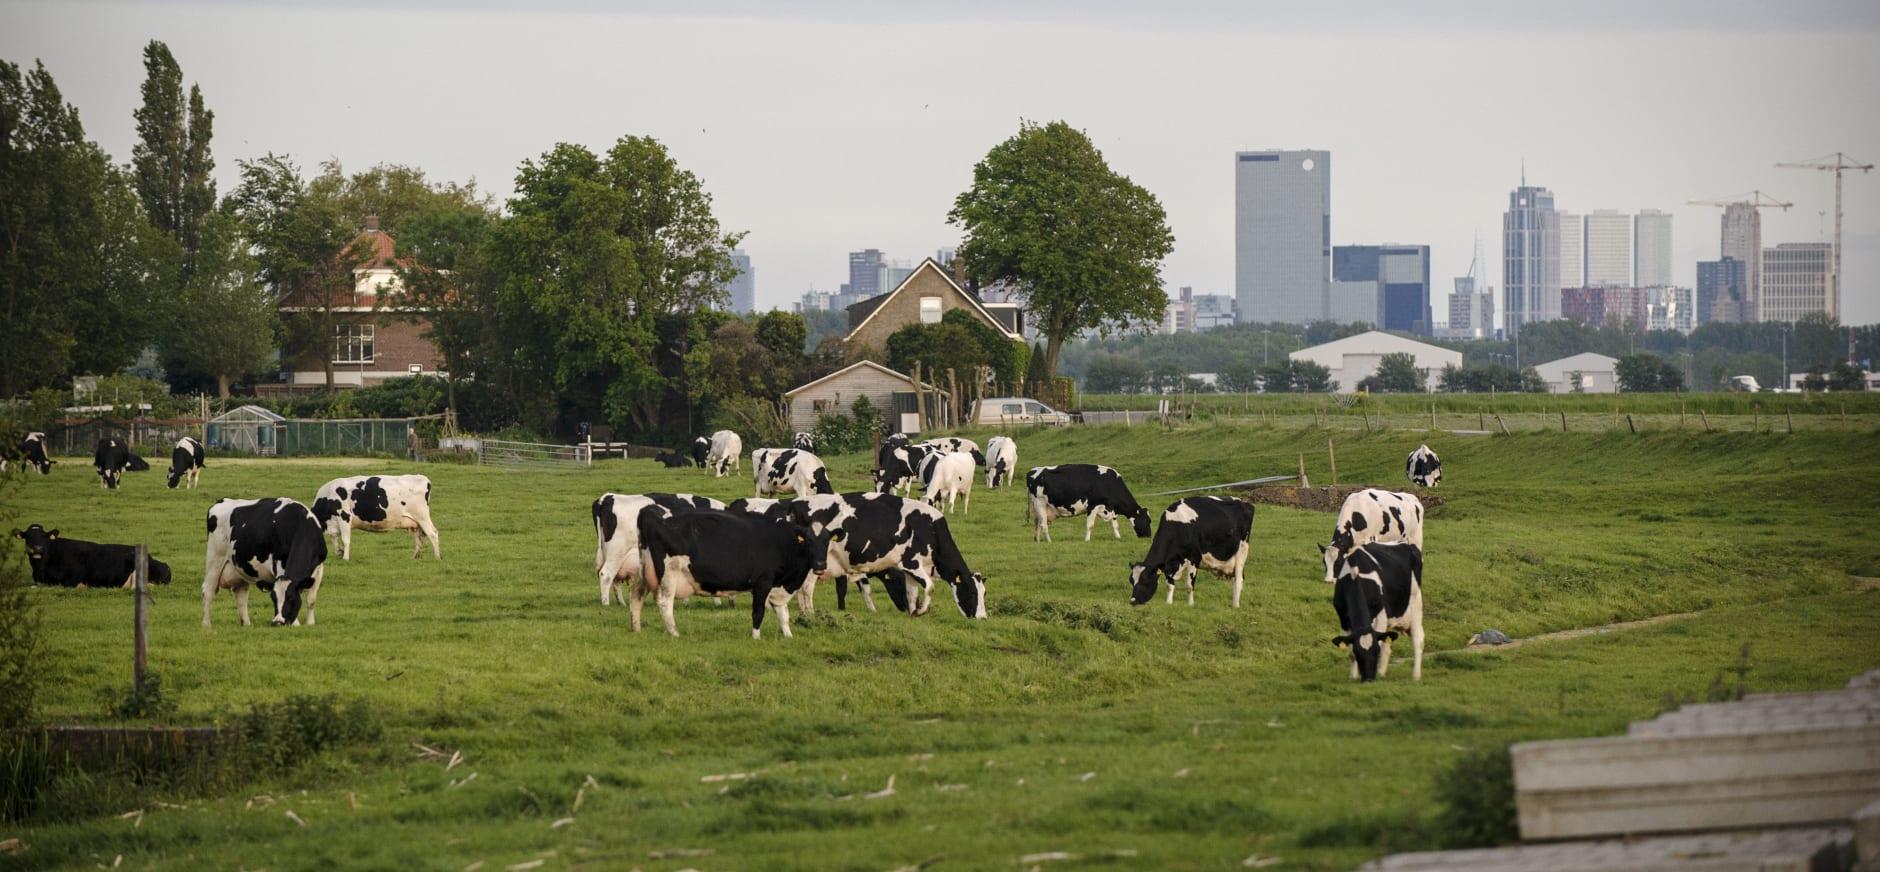 Koeien voor de skyline van Rotterdam